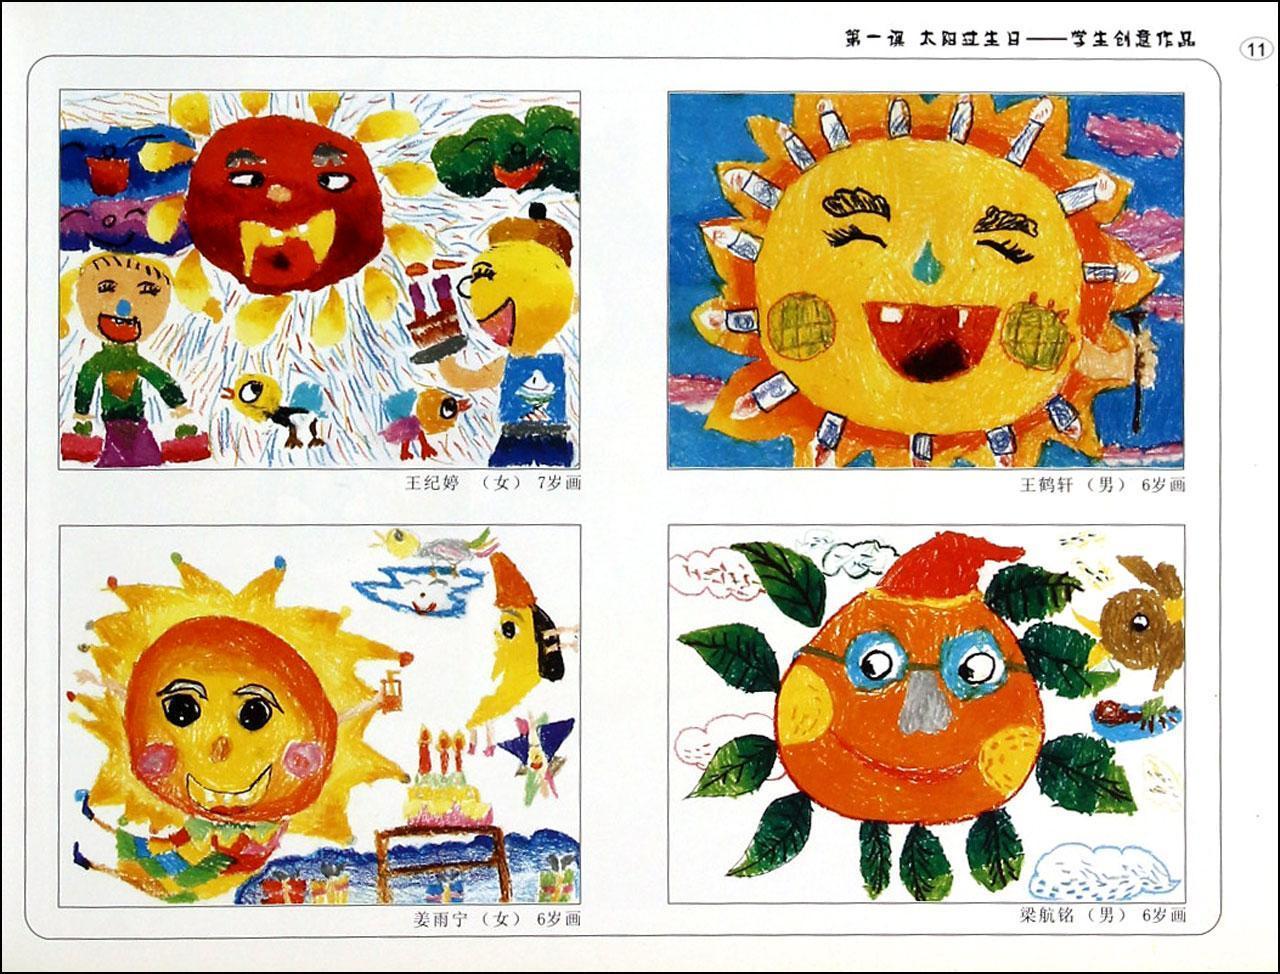 儿童绘画时,要用眼睛观察,动脑思考,用手表现.